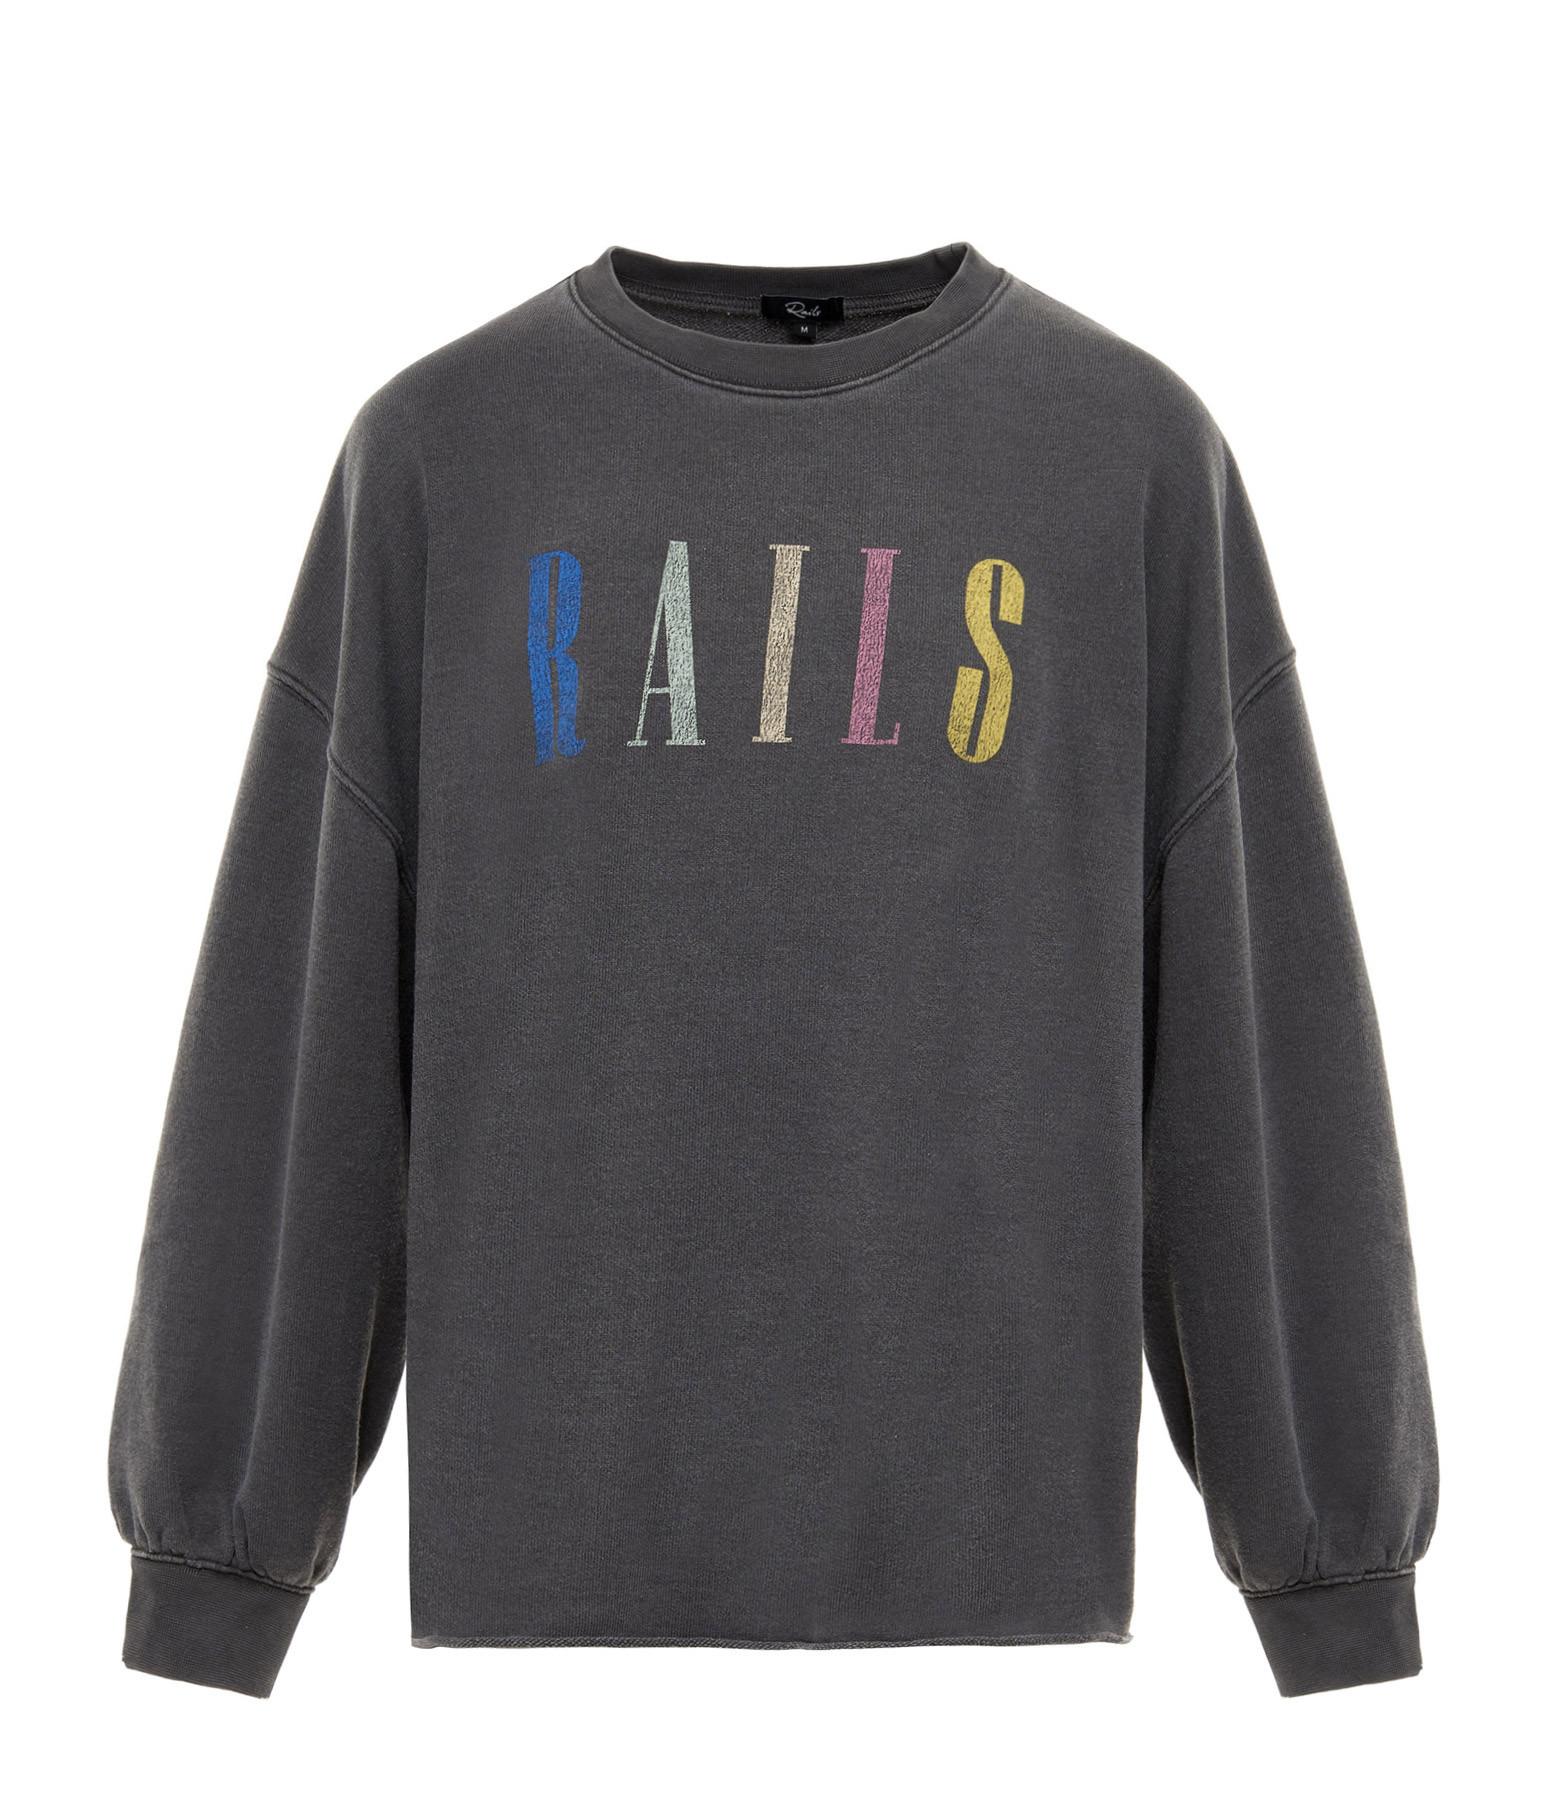 RAILS - Sweatshirt Reeves Noir